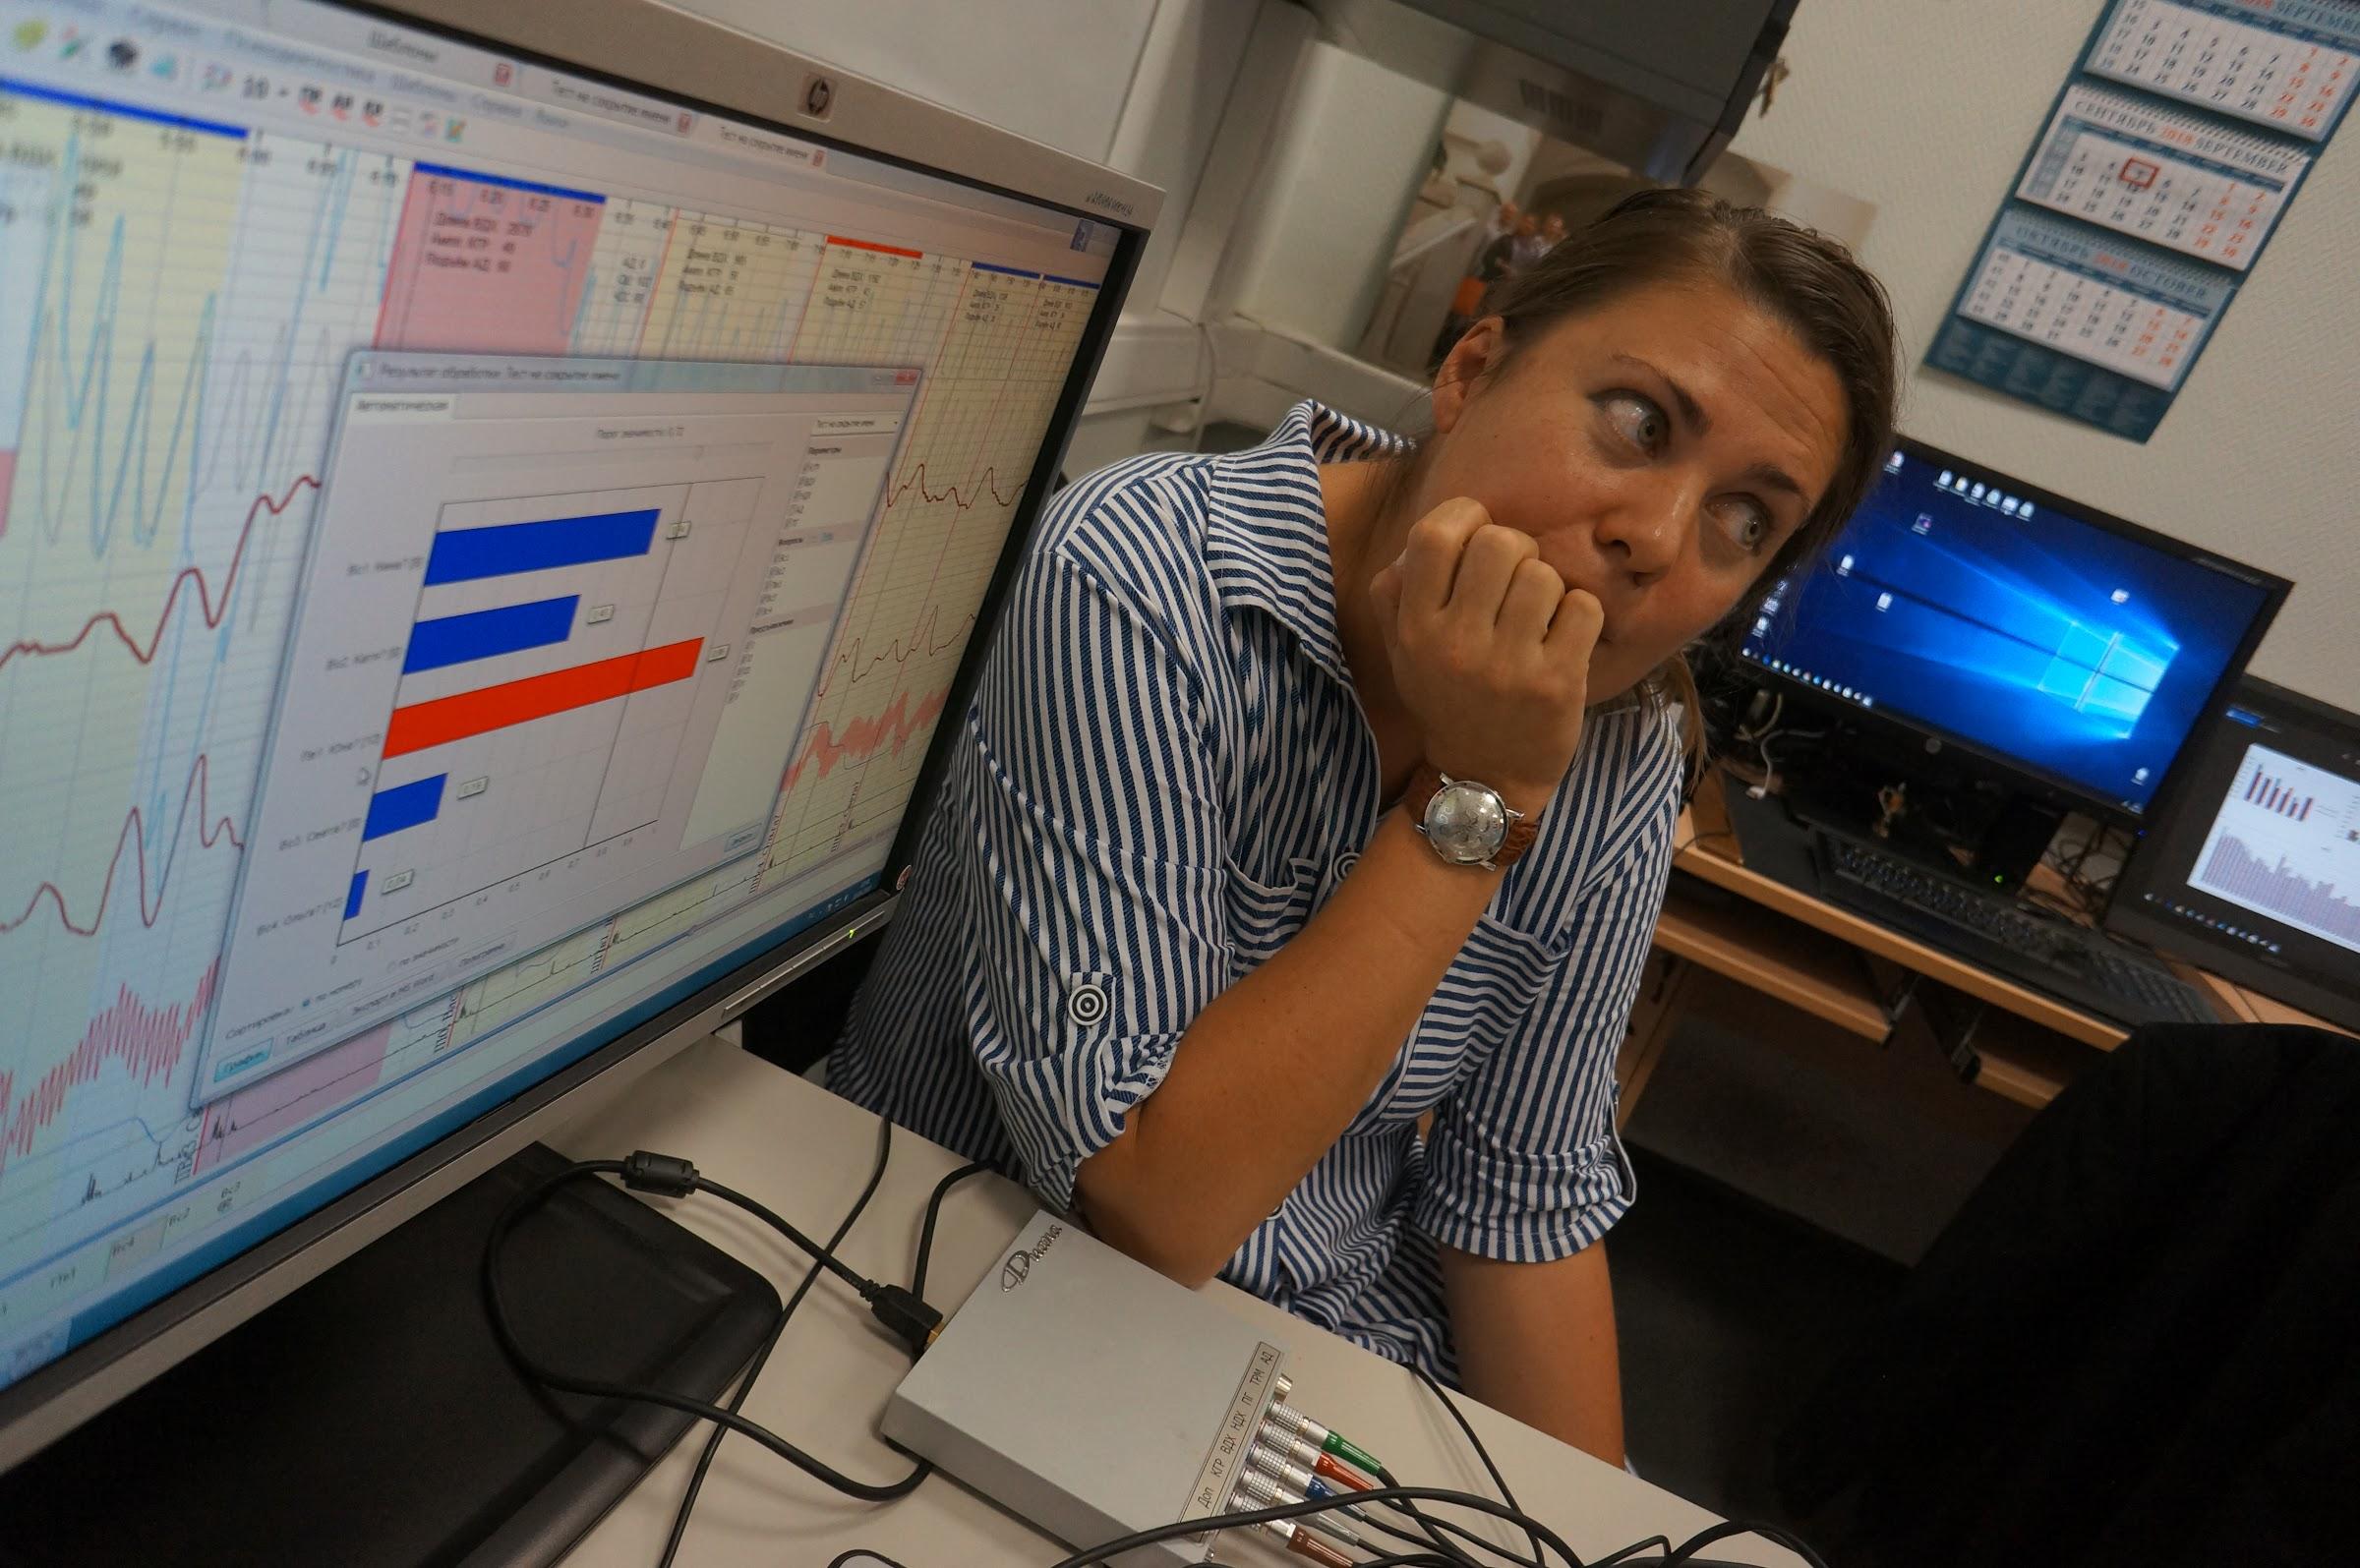 Технология биоуправления в психологической практике